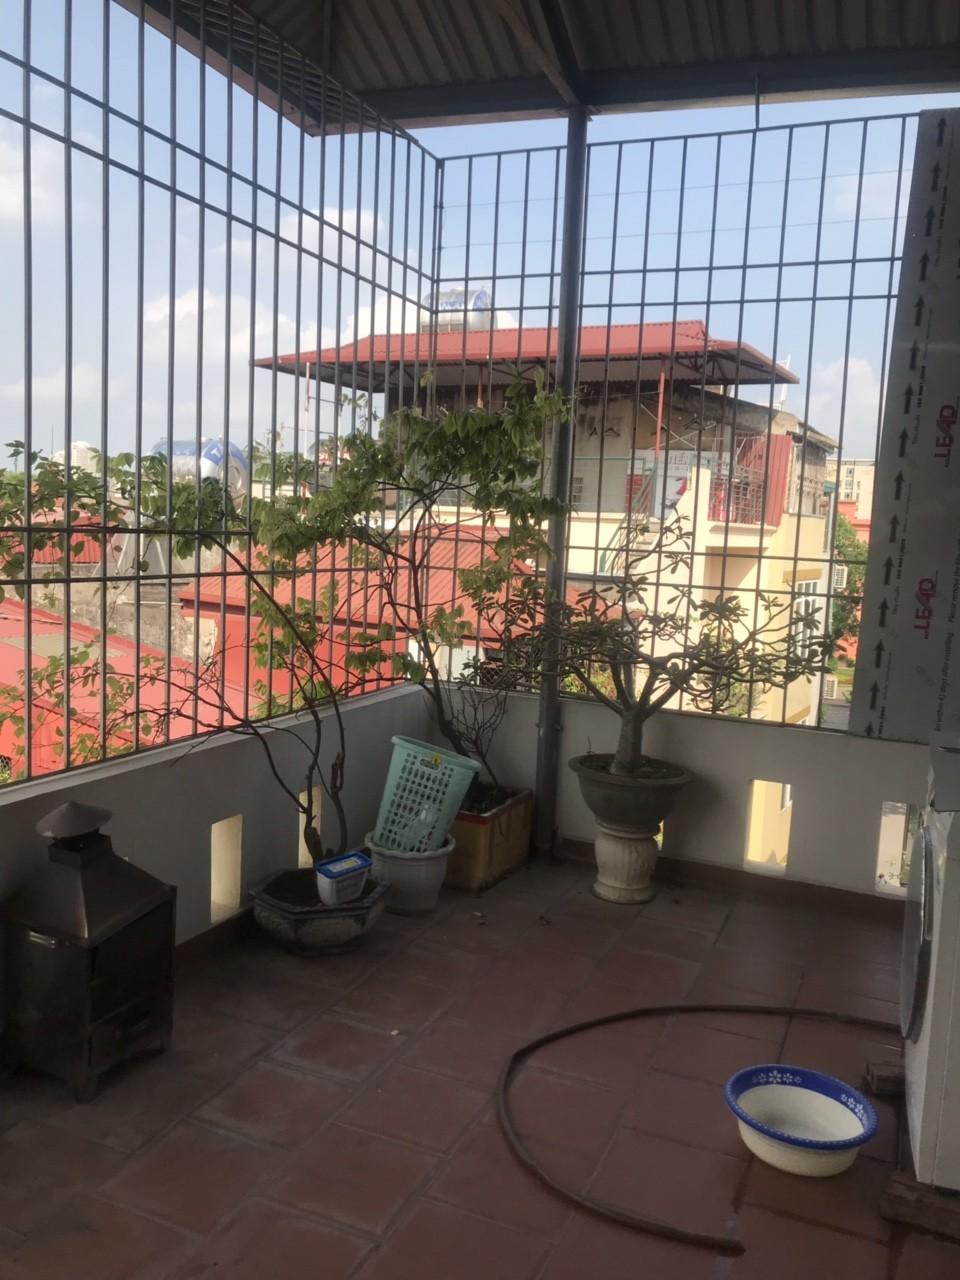 Chính chủ bán nhà 6 tầng mặt ngõ oto Thái Hà, Tây Sơn, kinh doanh siêu tốt, giá 6,1 tỷ. Ảnh số 42474979